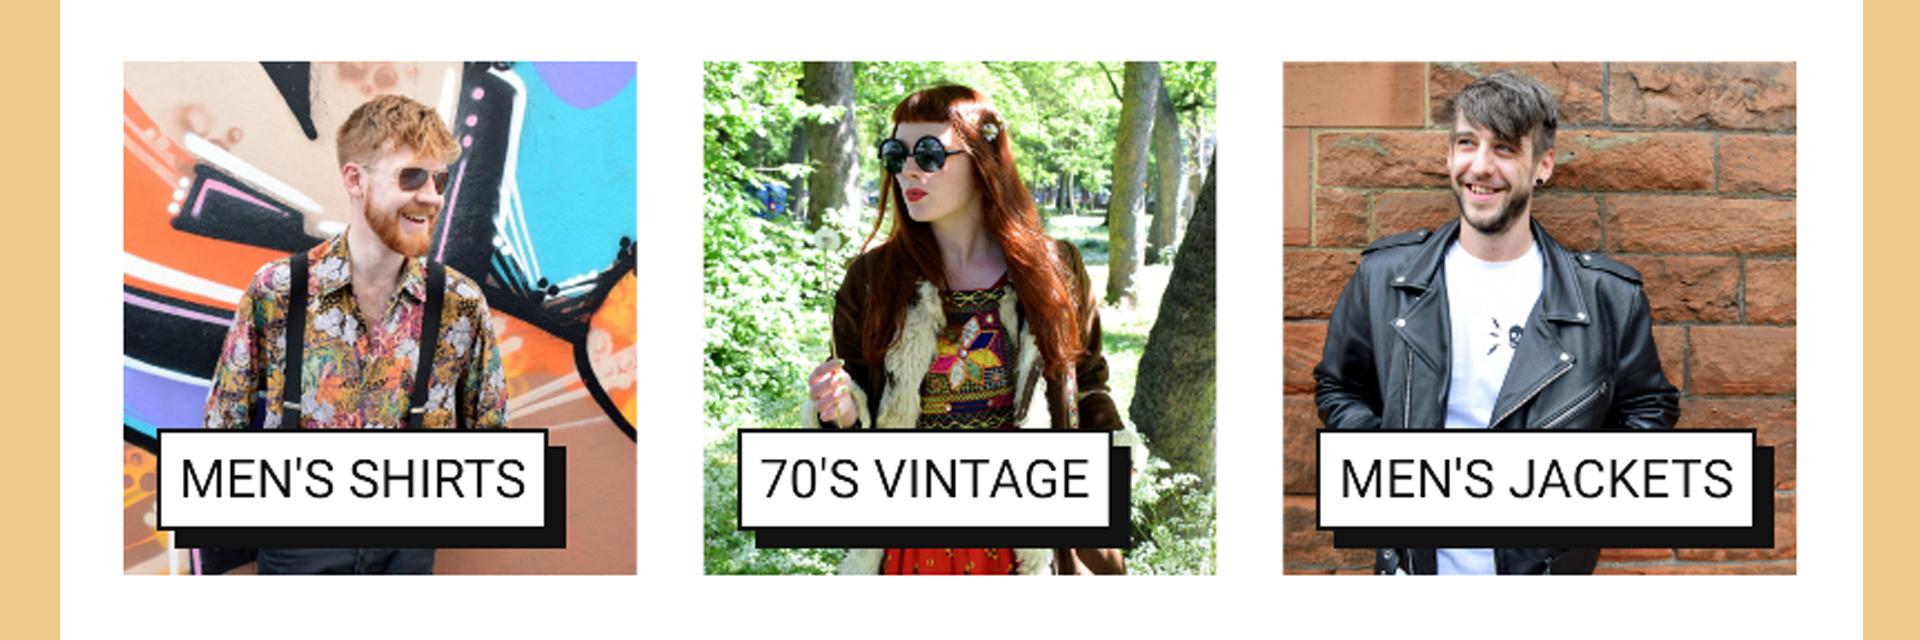 Armstrongs vintage website